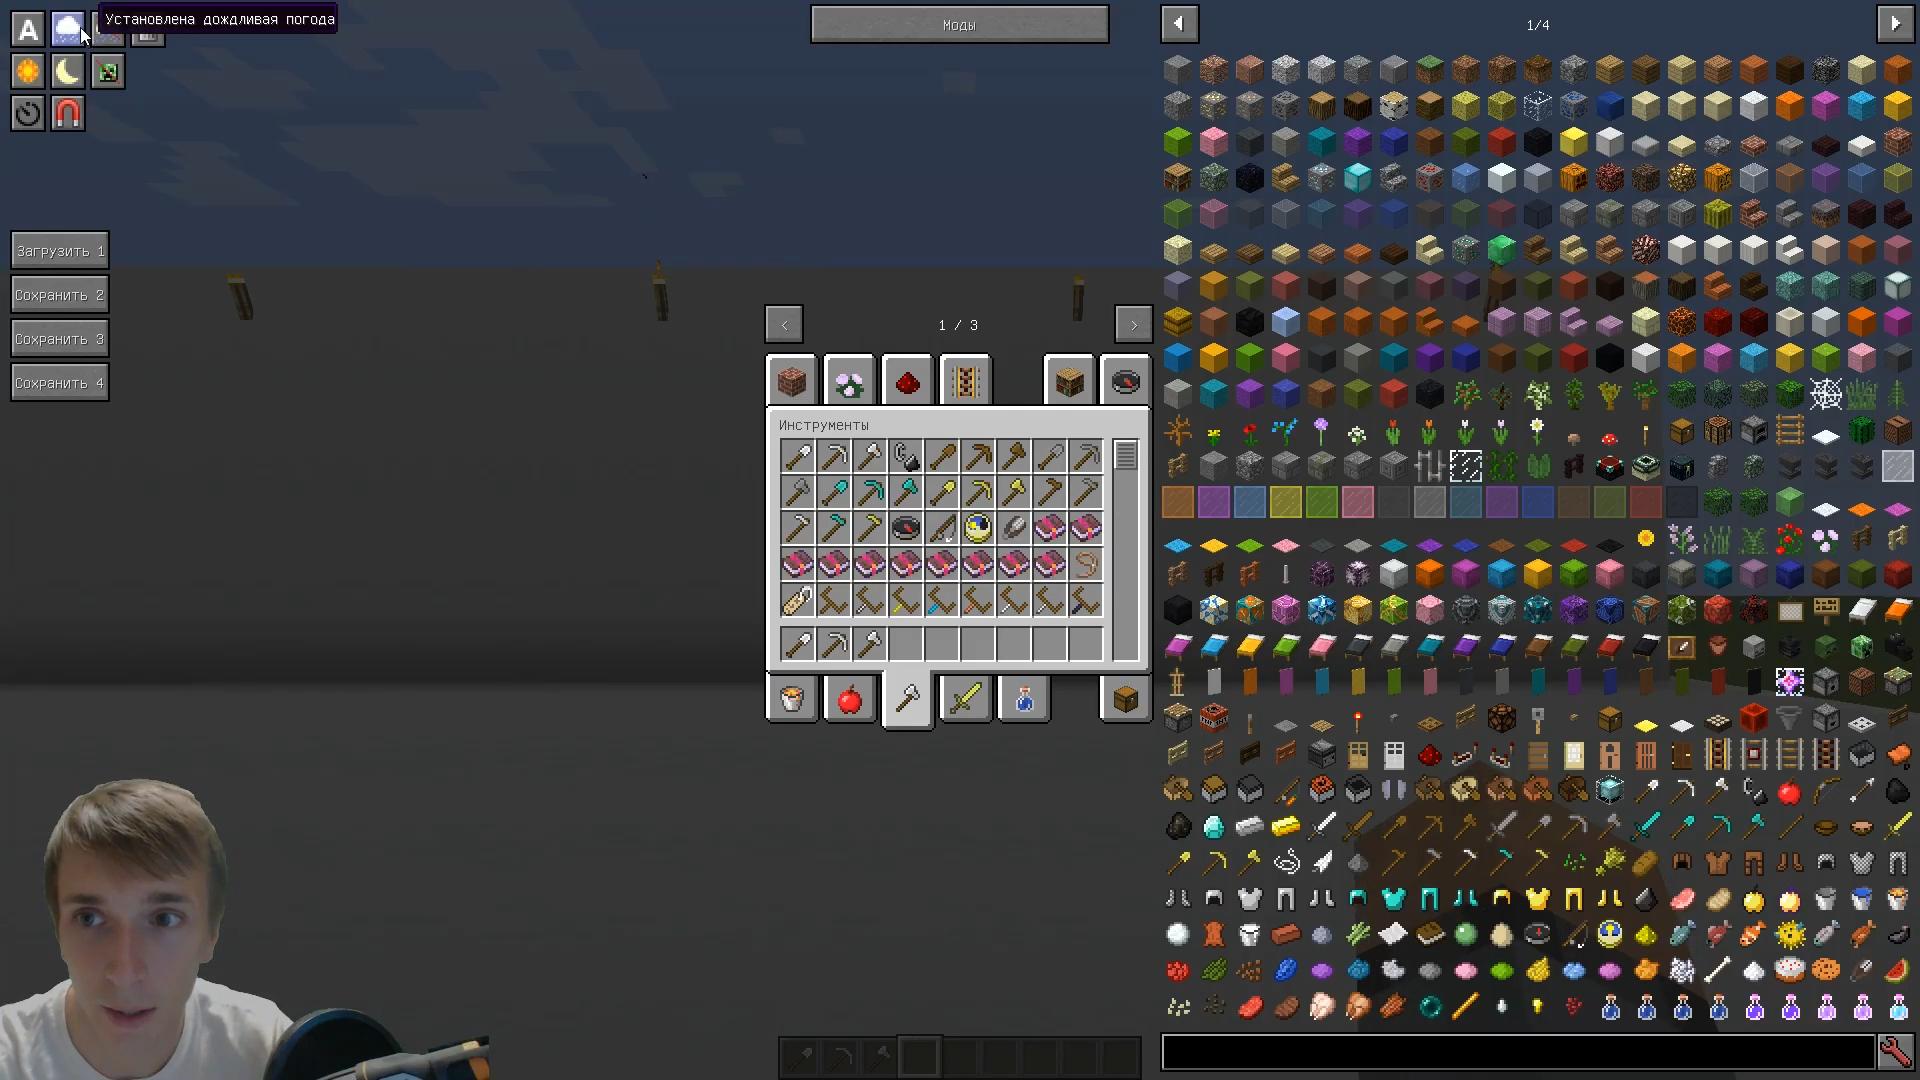 Мод «Just Enough Buttons» (Функциональные кнопки) - скриншот 2